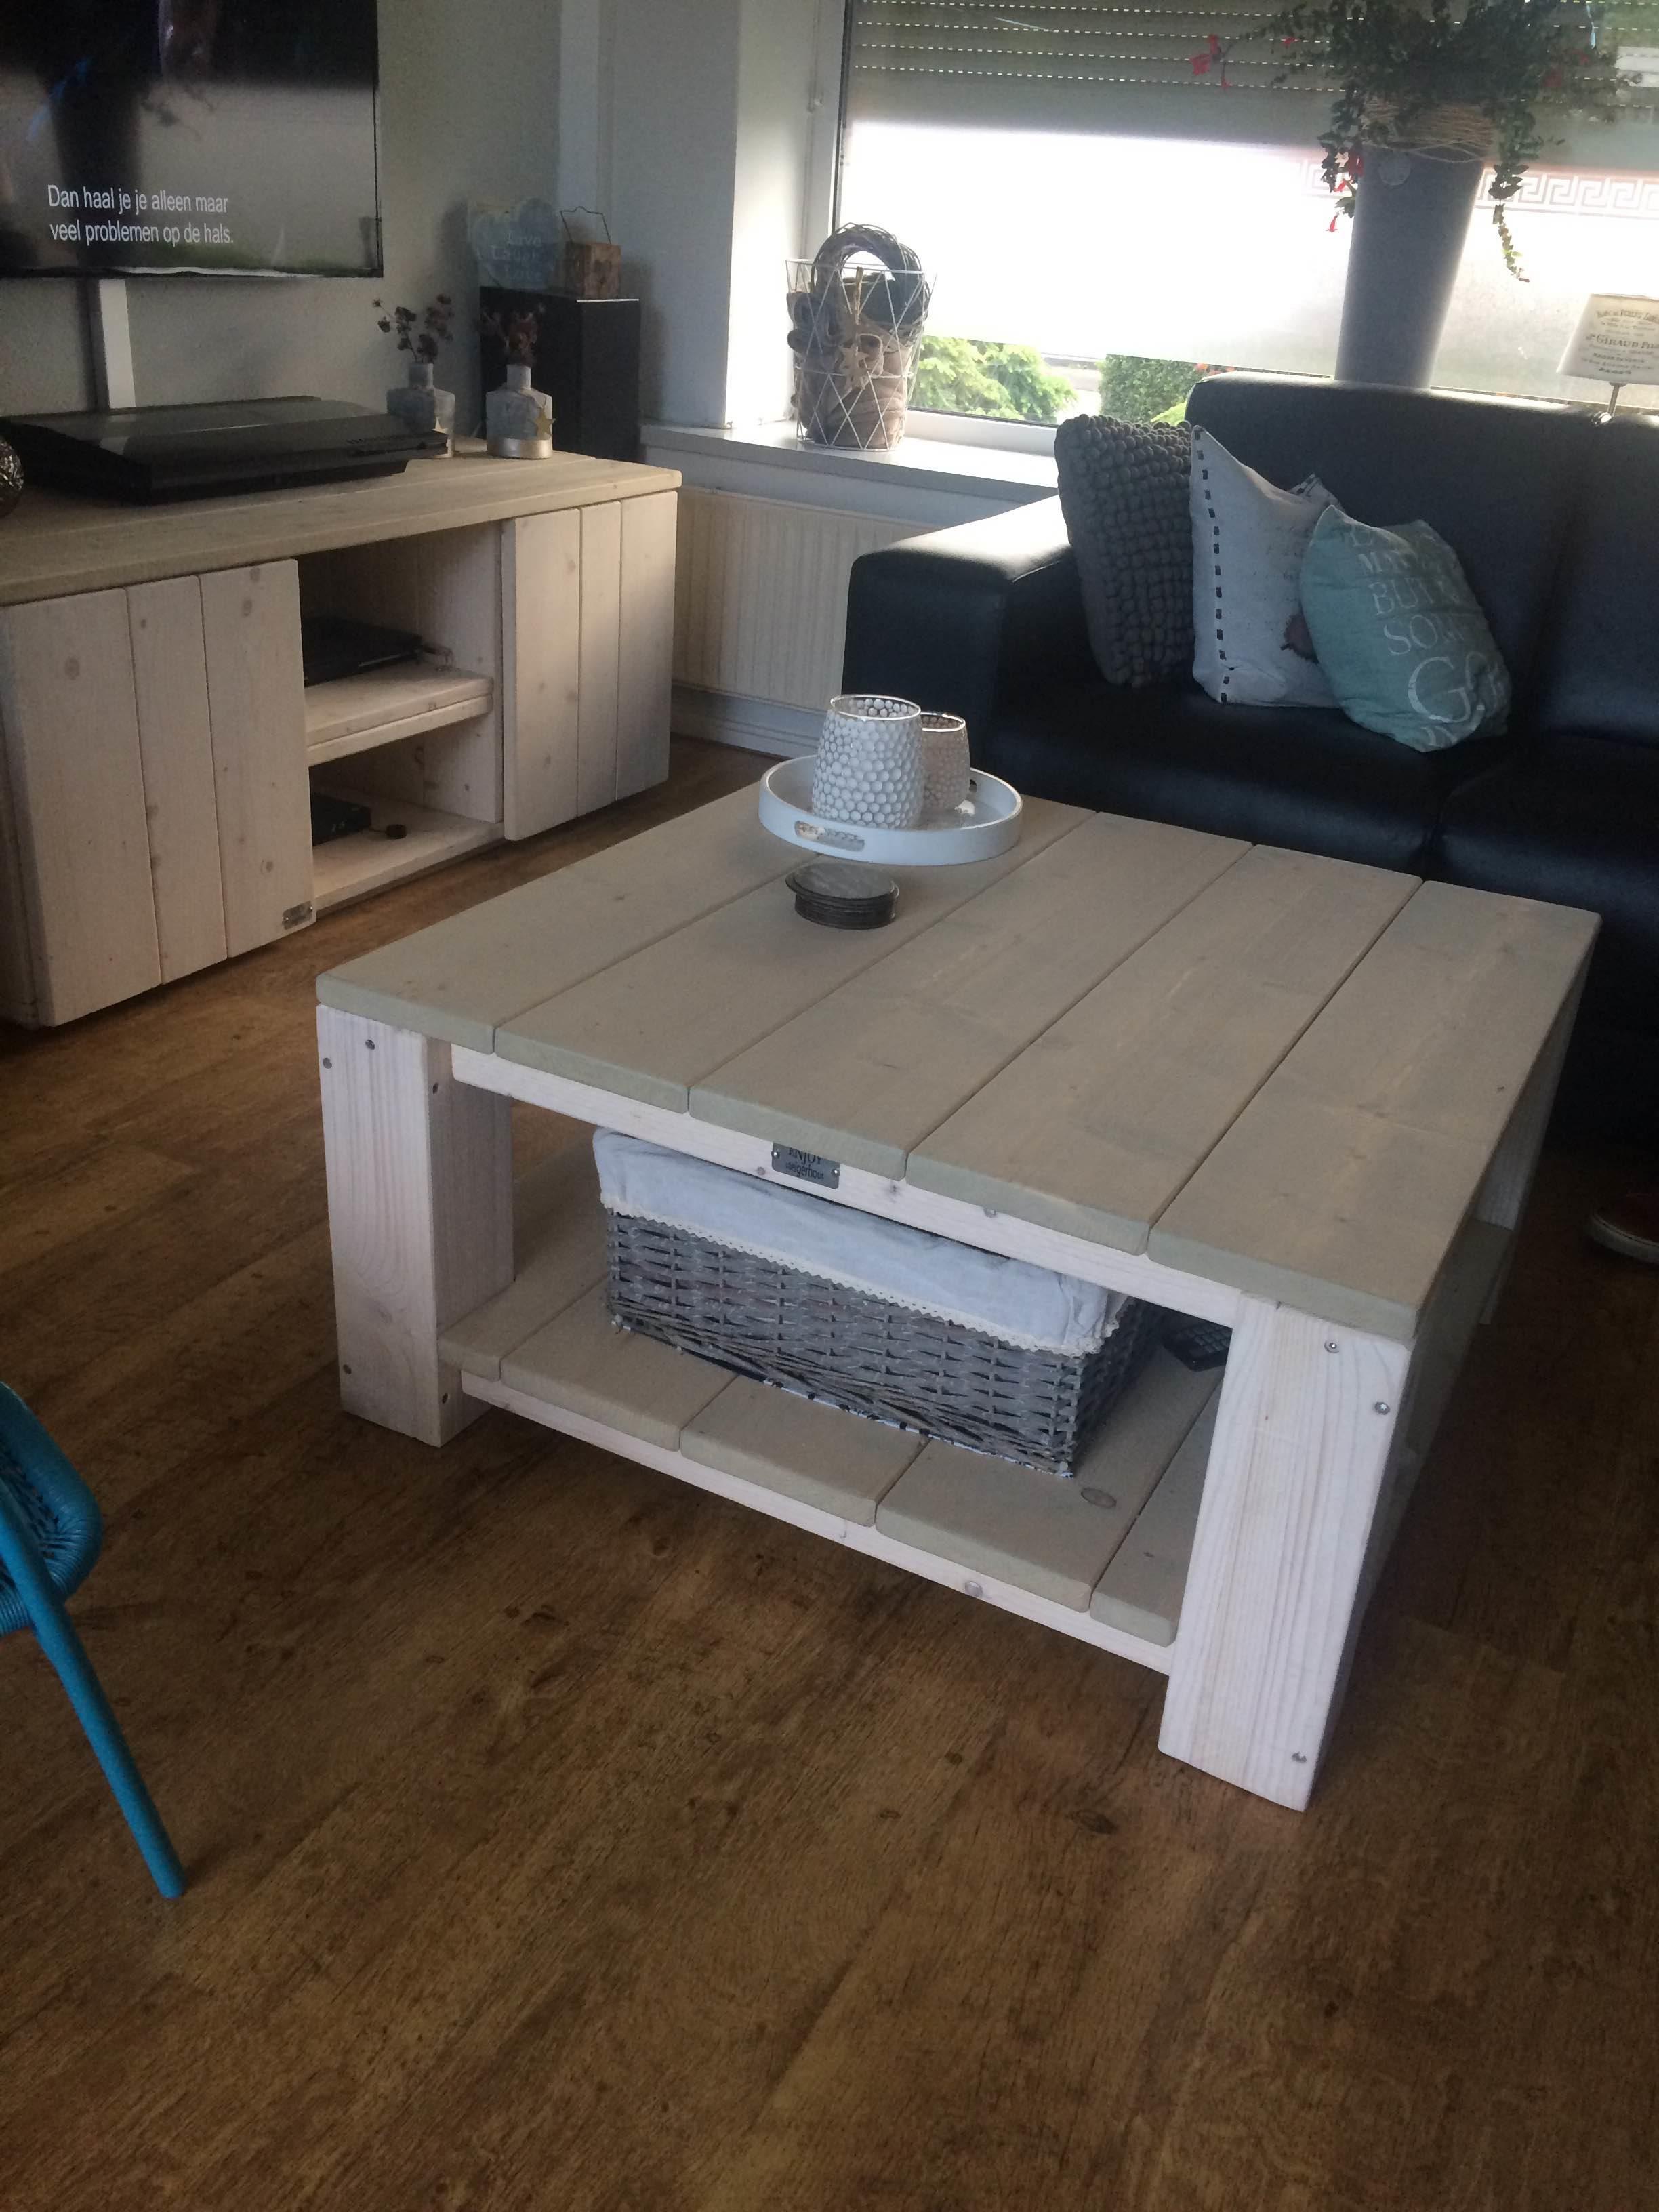 Tafels/salontafels